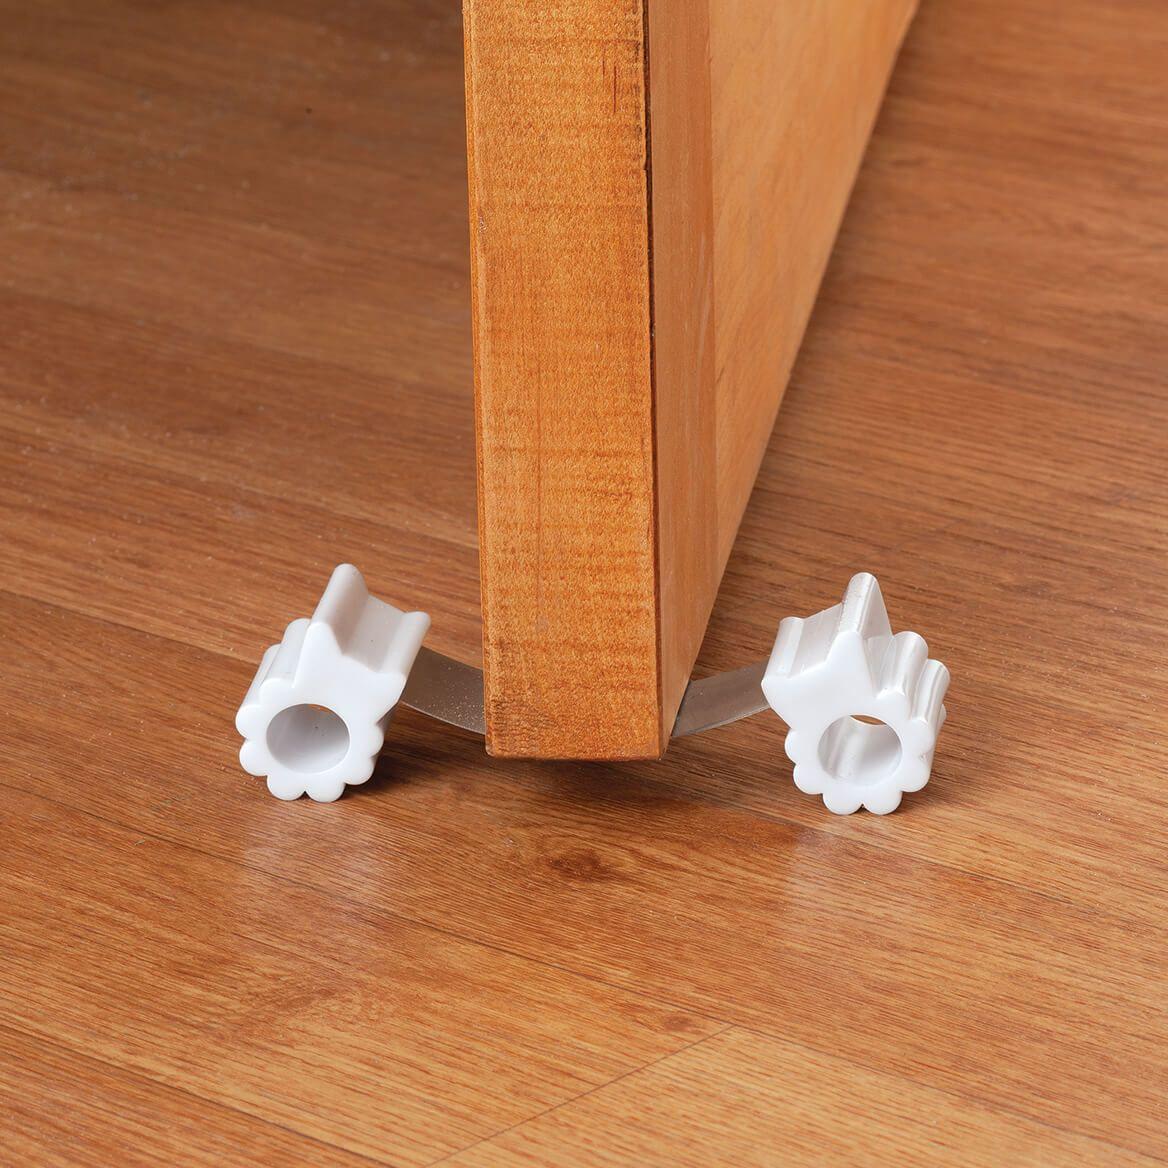 Anti Skid Door Stopper, Set of 2-371074